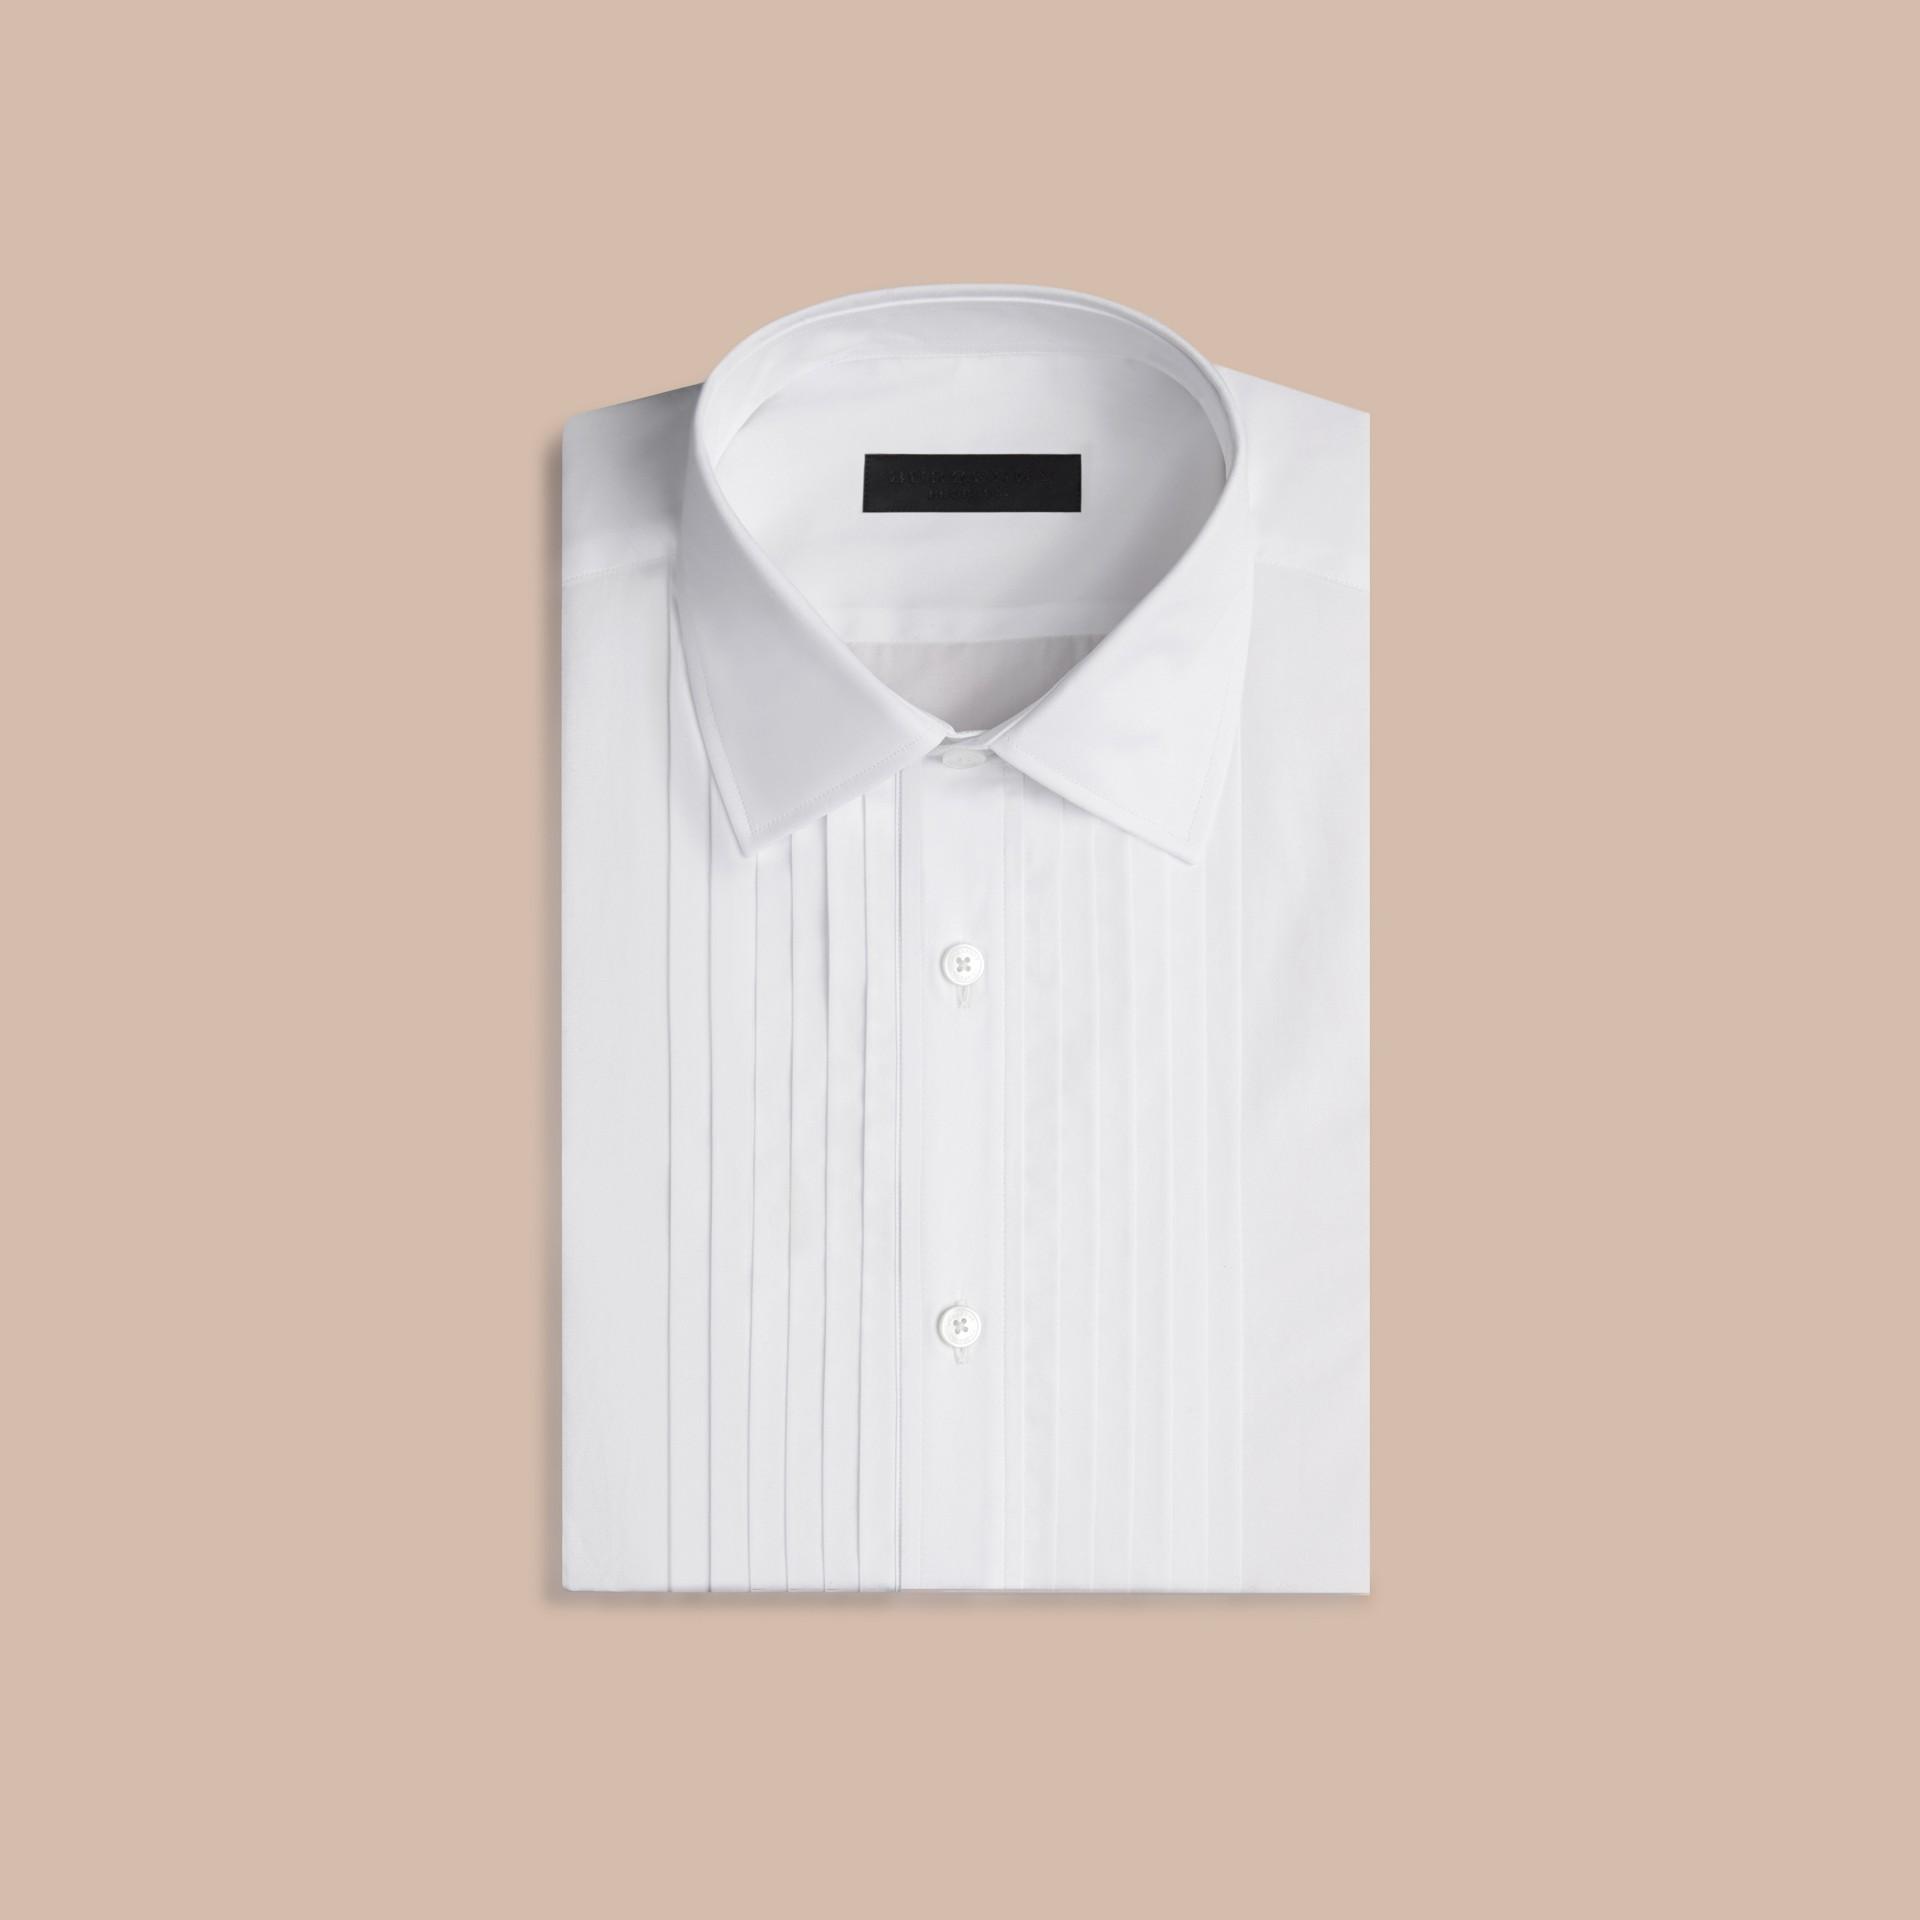 Branco ótico Camisa social de algodão com corte slim - galeria de imagens 4